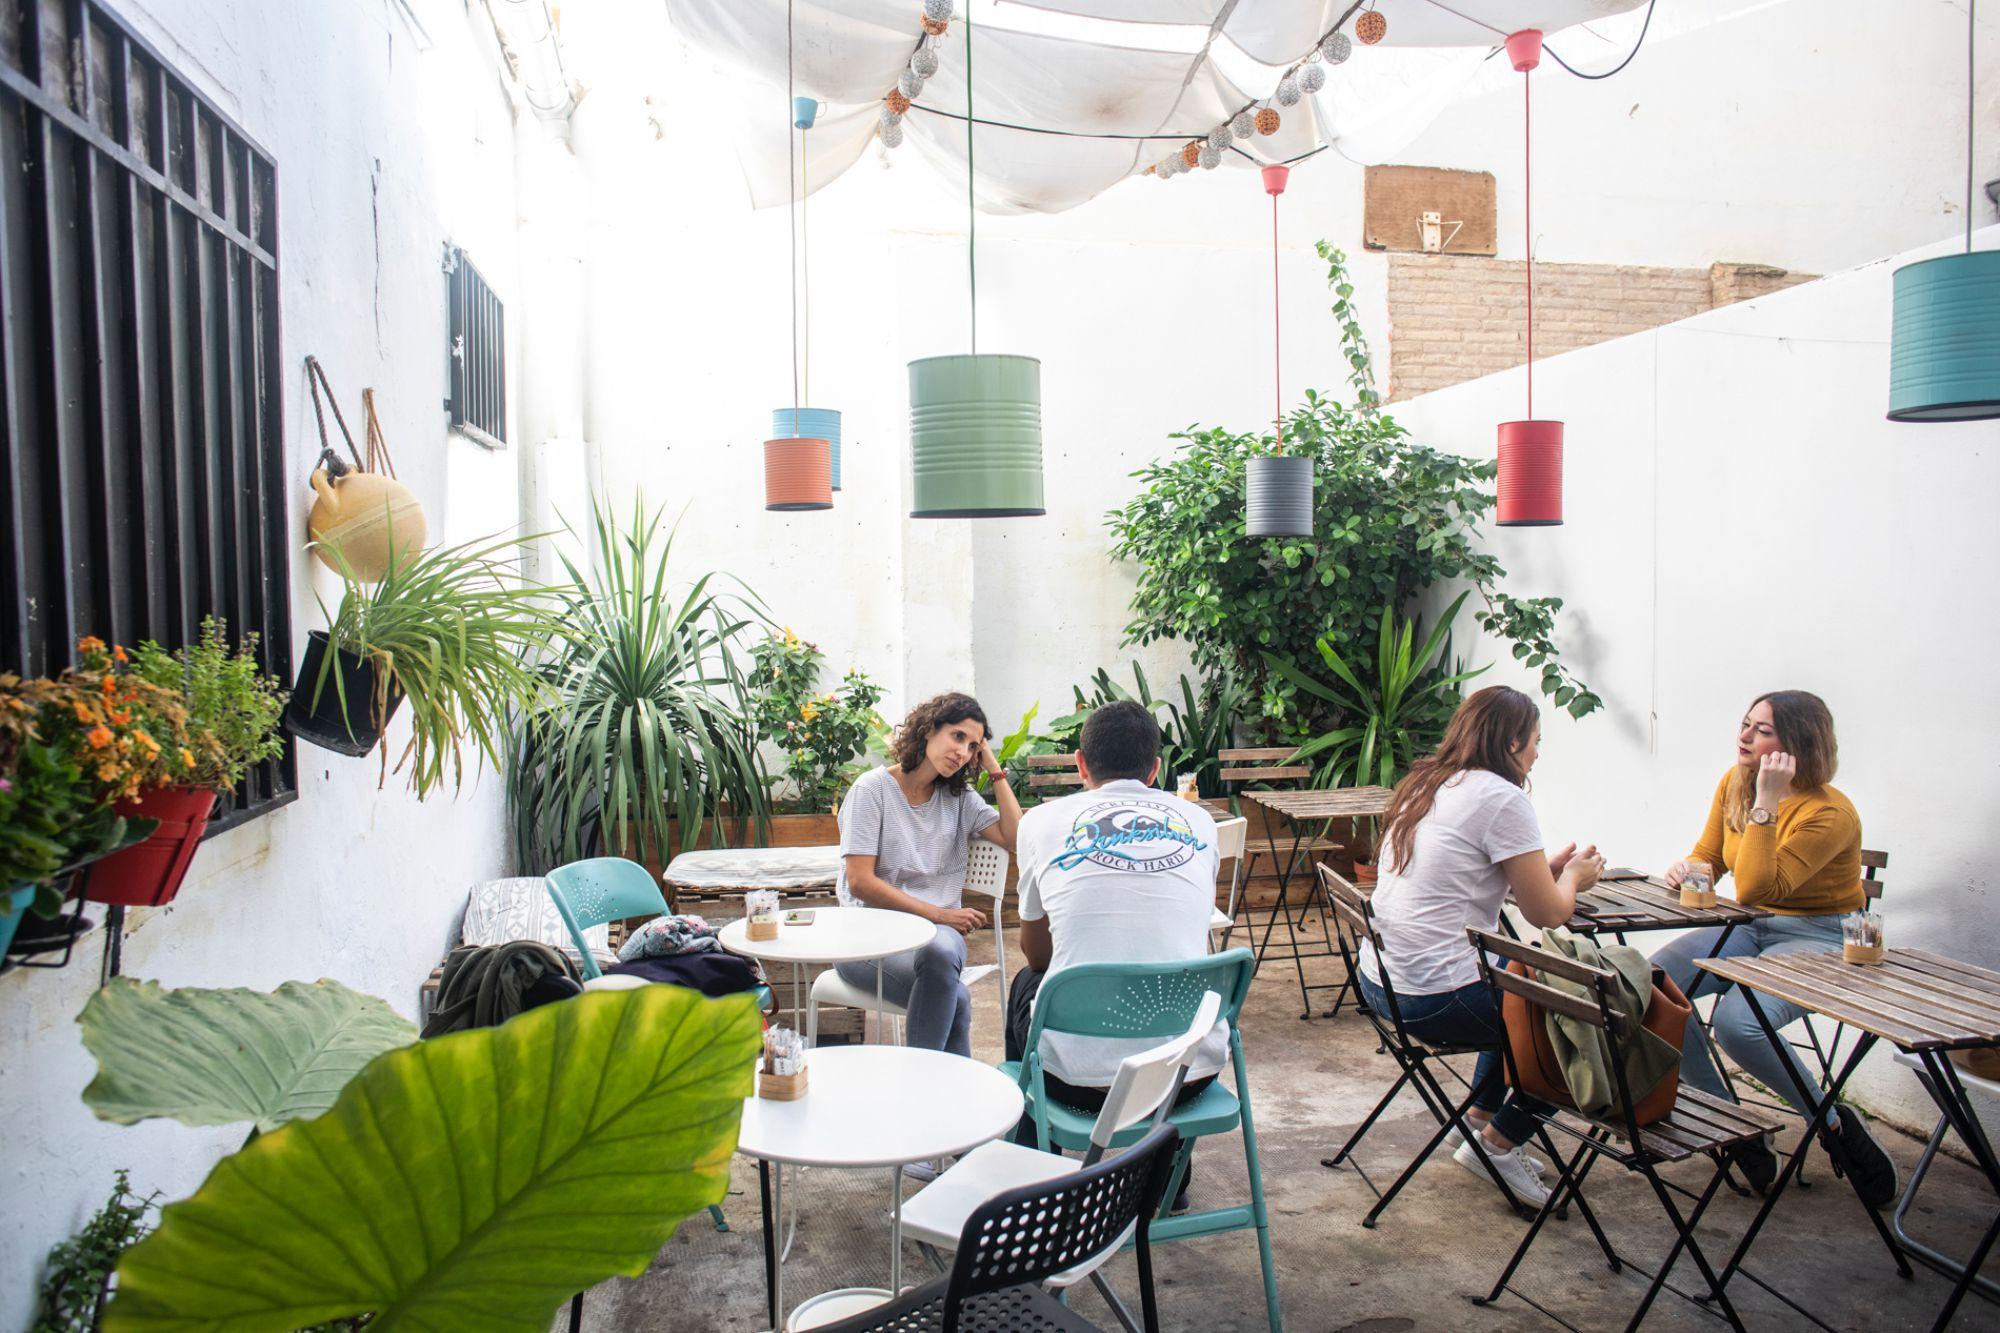 La terraza-patio del local le aporta aún más personalidad a esta cafetería.